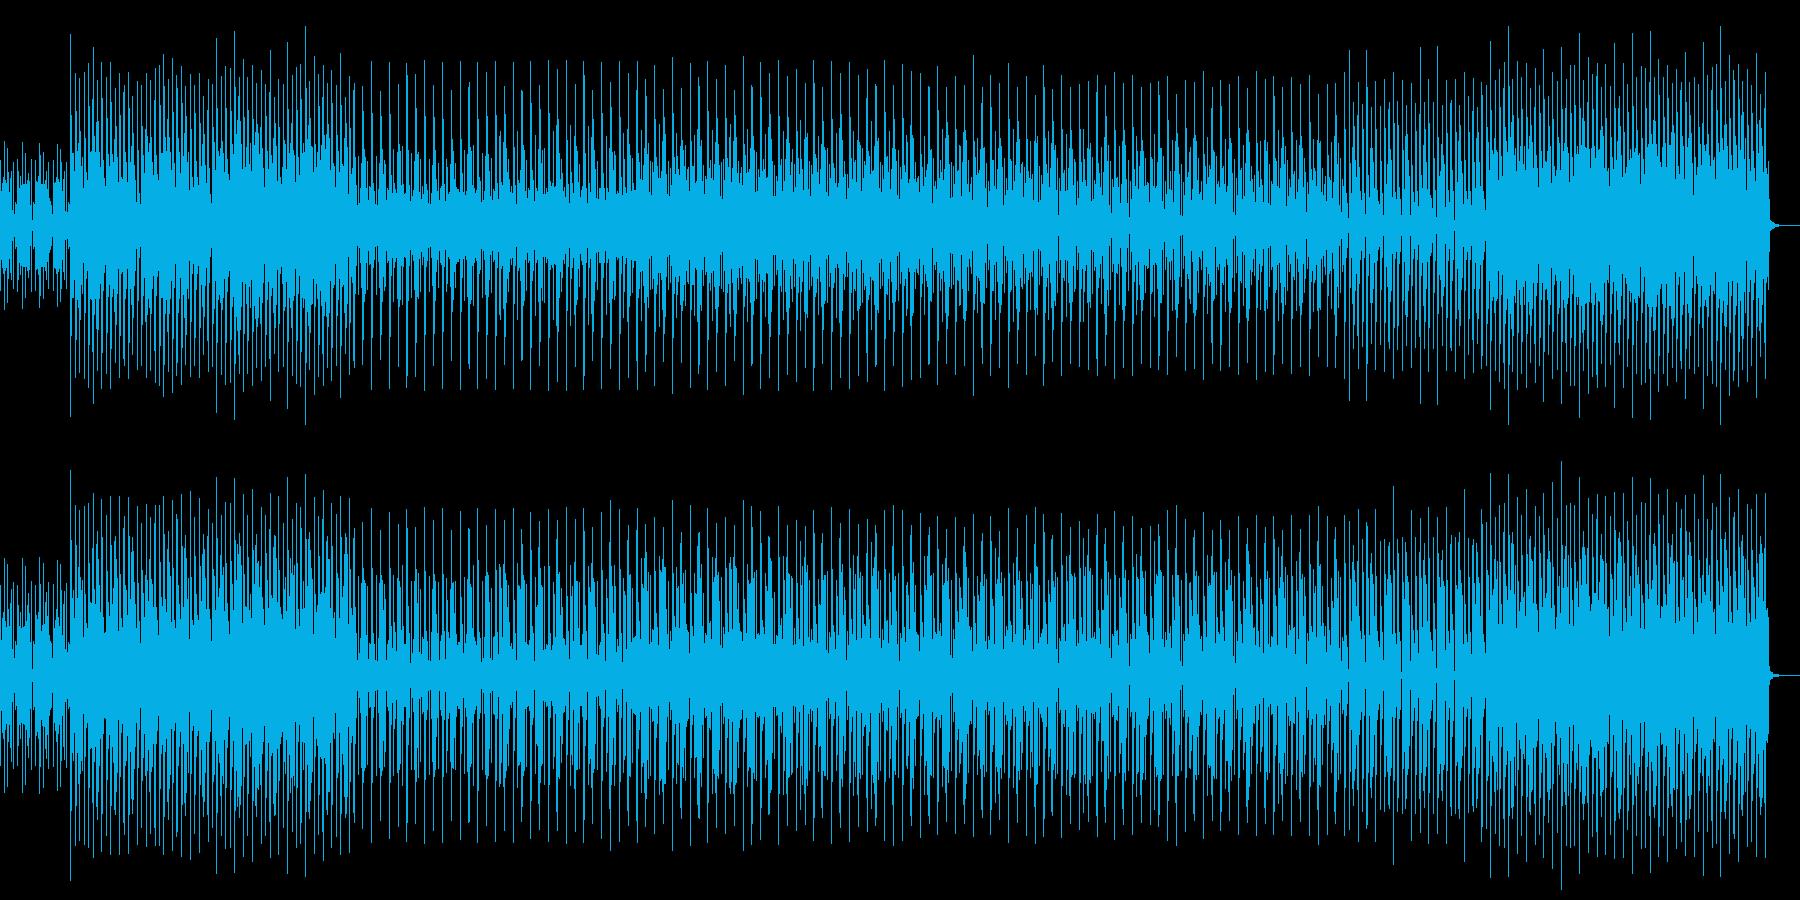 ロボットたちの会話を聞いてしまった近未来の再生済みの波形